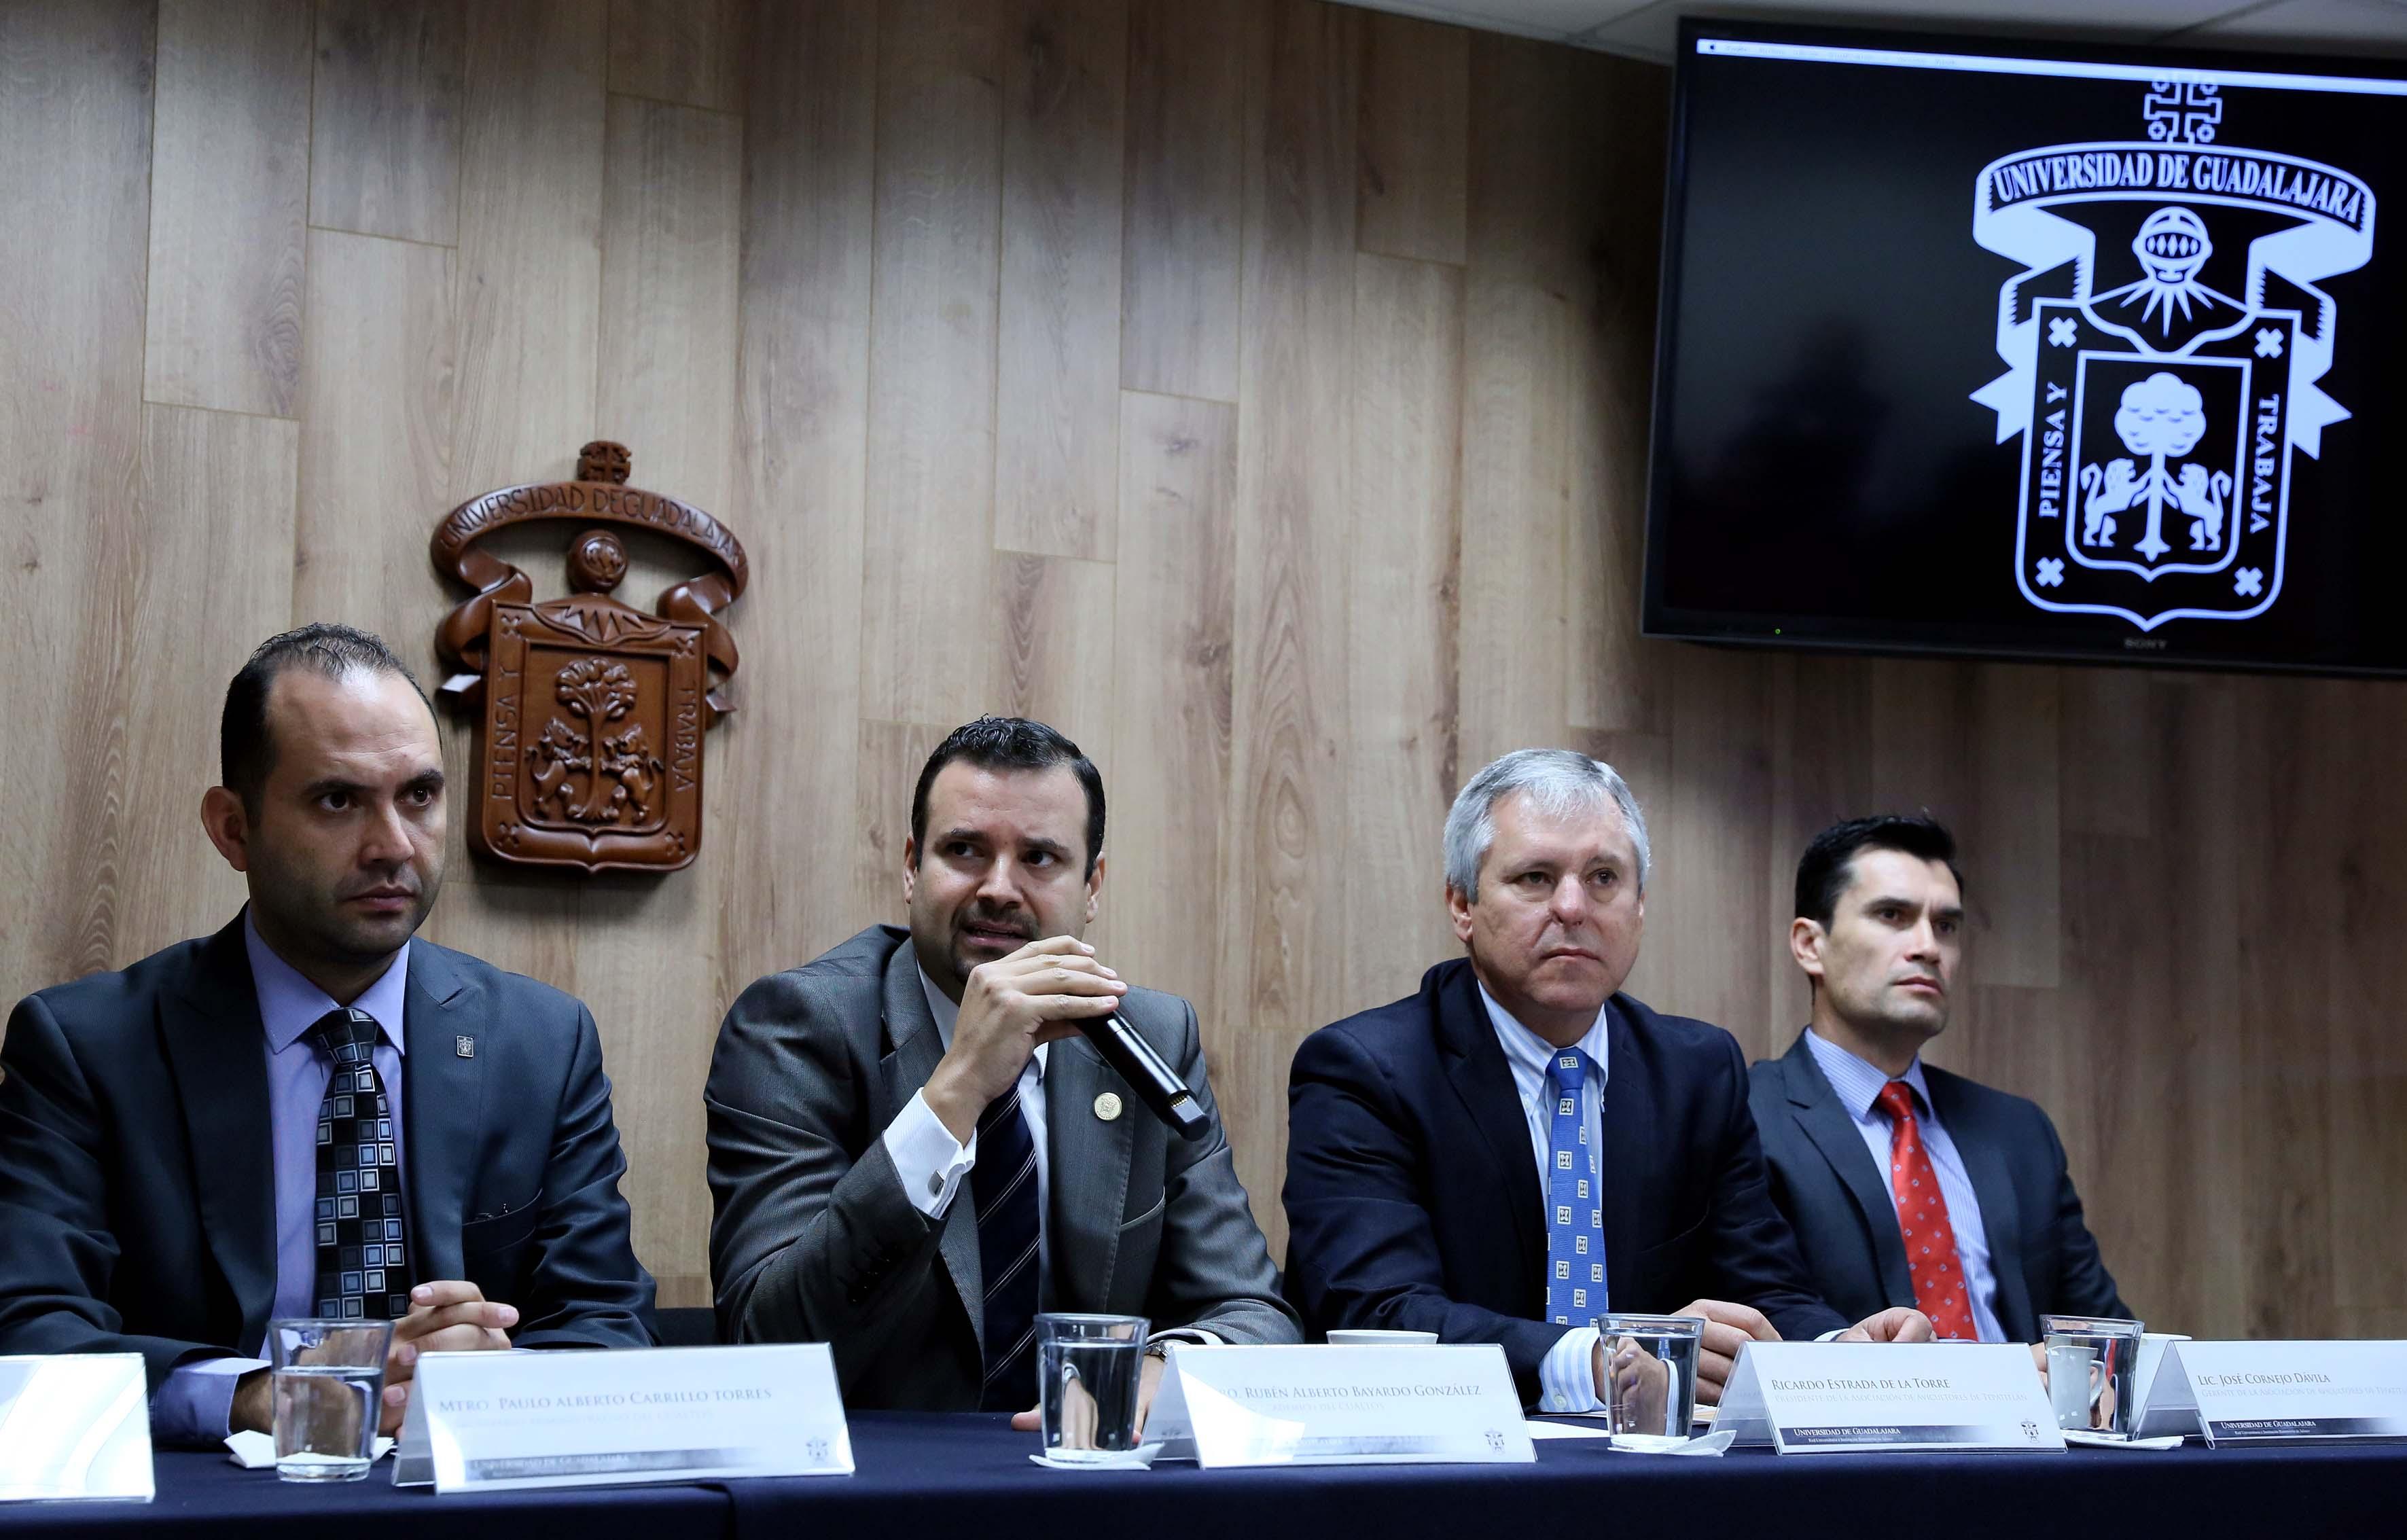 Maestro Rubén Alberto Bayardo González participando en rueda de prensa